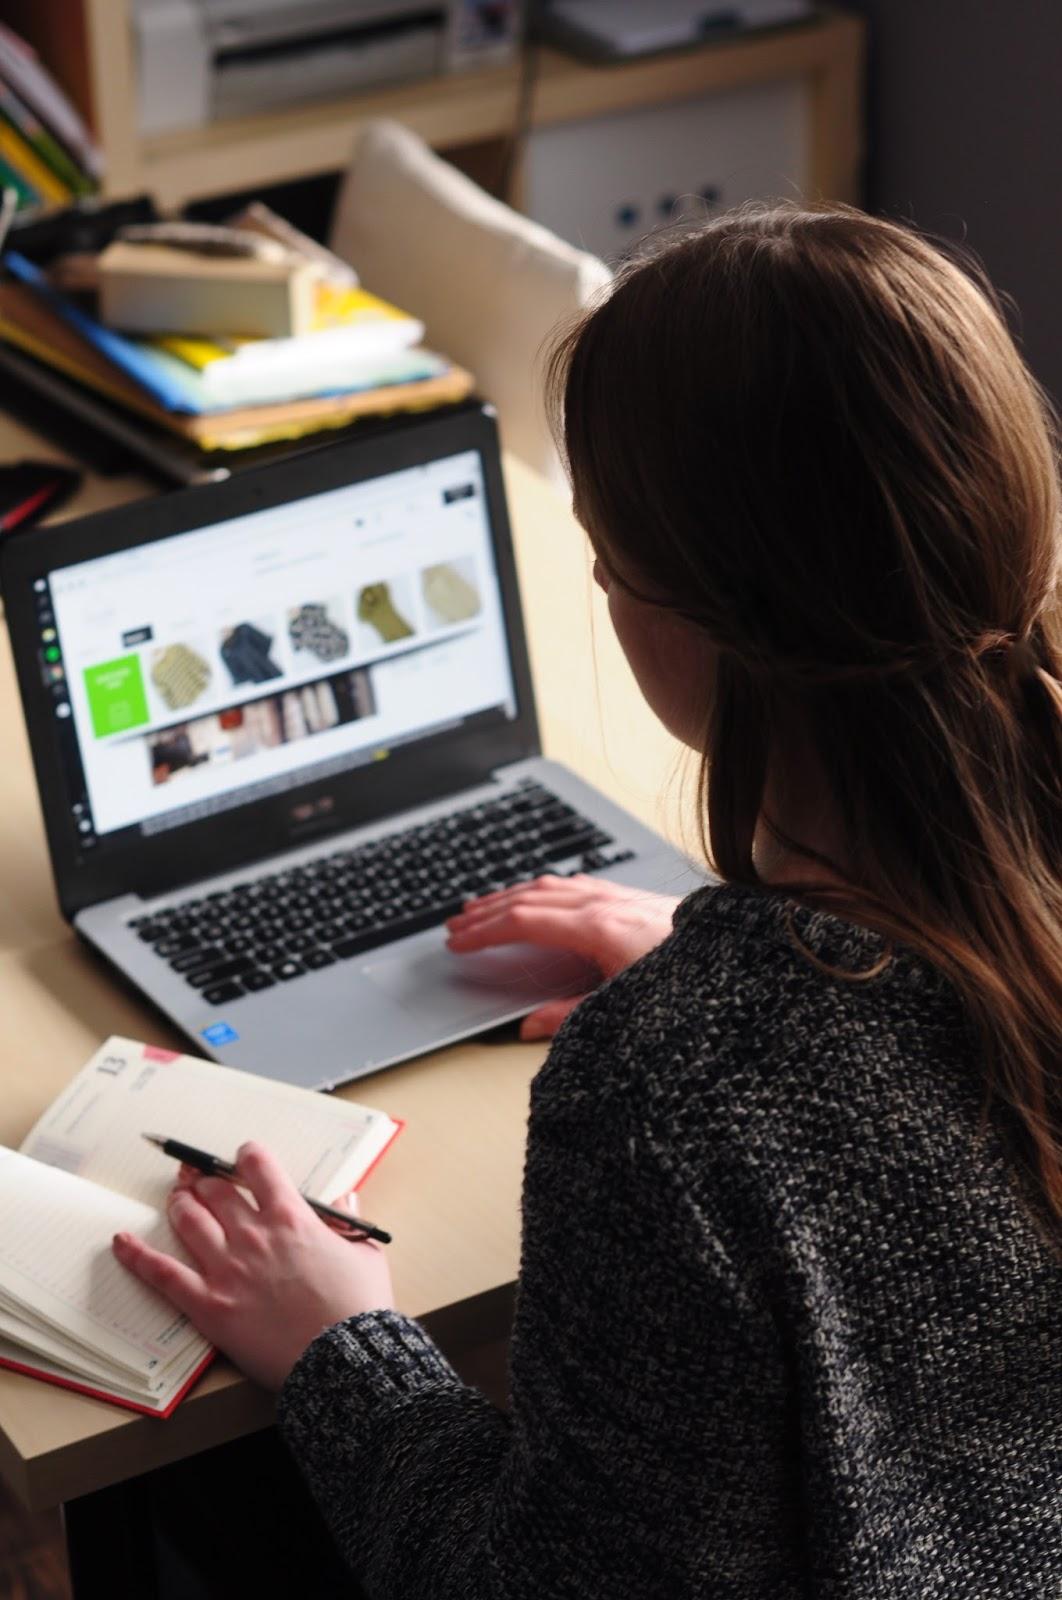 lumpeksowe stylizacje zakupy w lumpeksie przez internet 39 39 ciucholandia 39 39. Black Bedroom Furniture Sets. Home Design Ideas